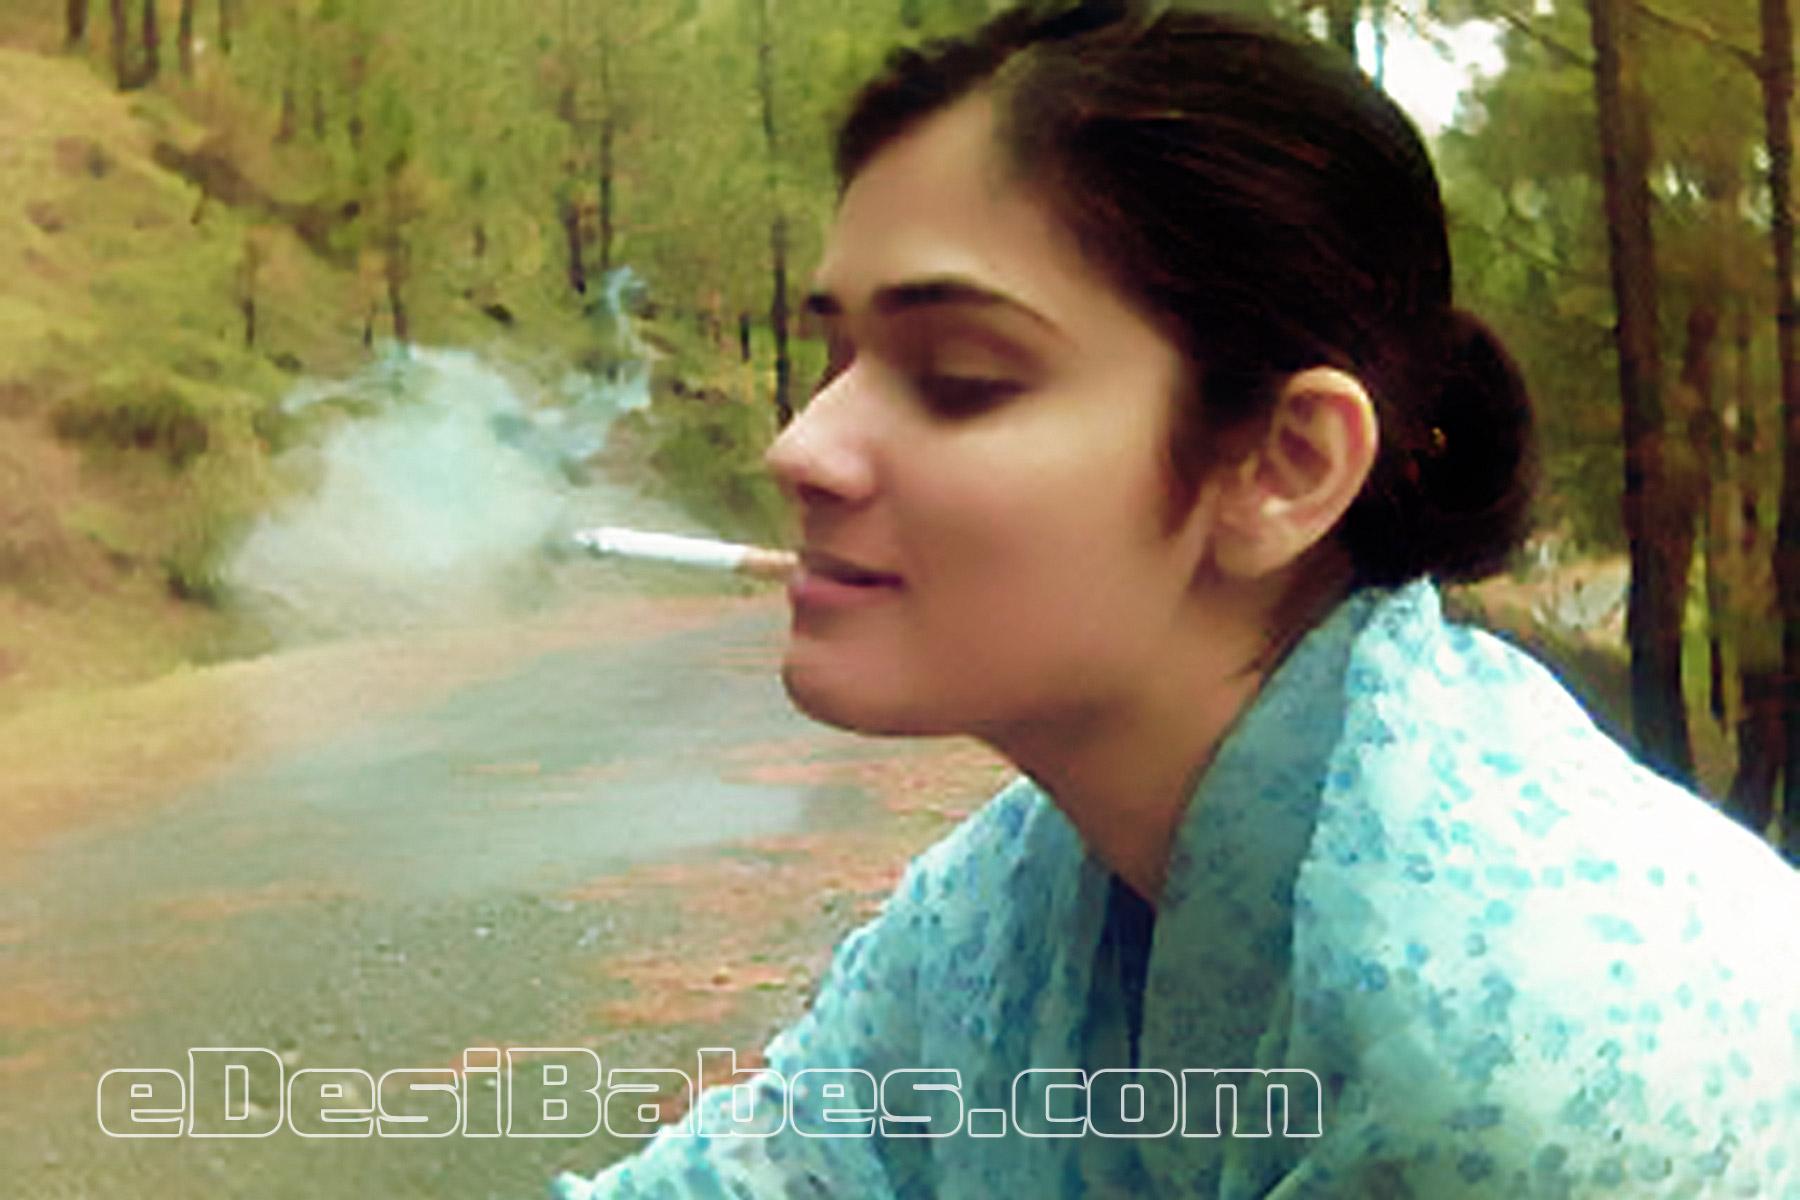 Girl Smoking Hd Wallpaper Pakistanigirlss Shahzad